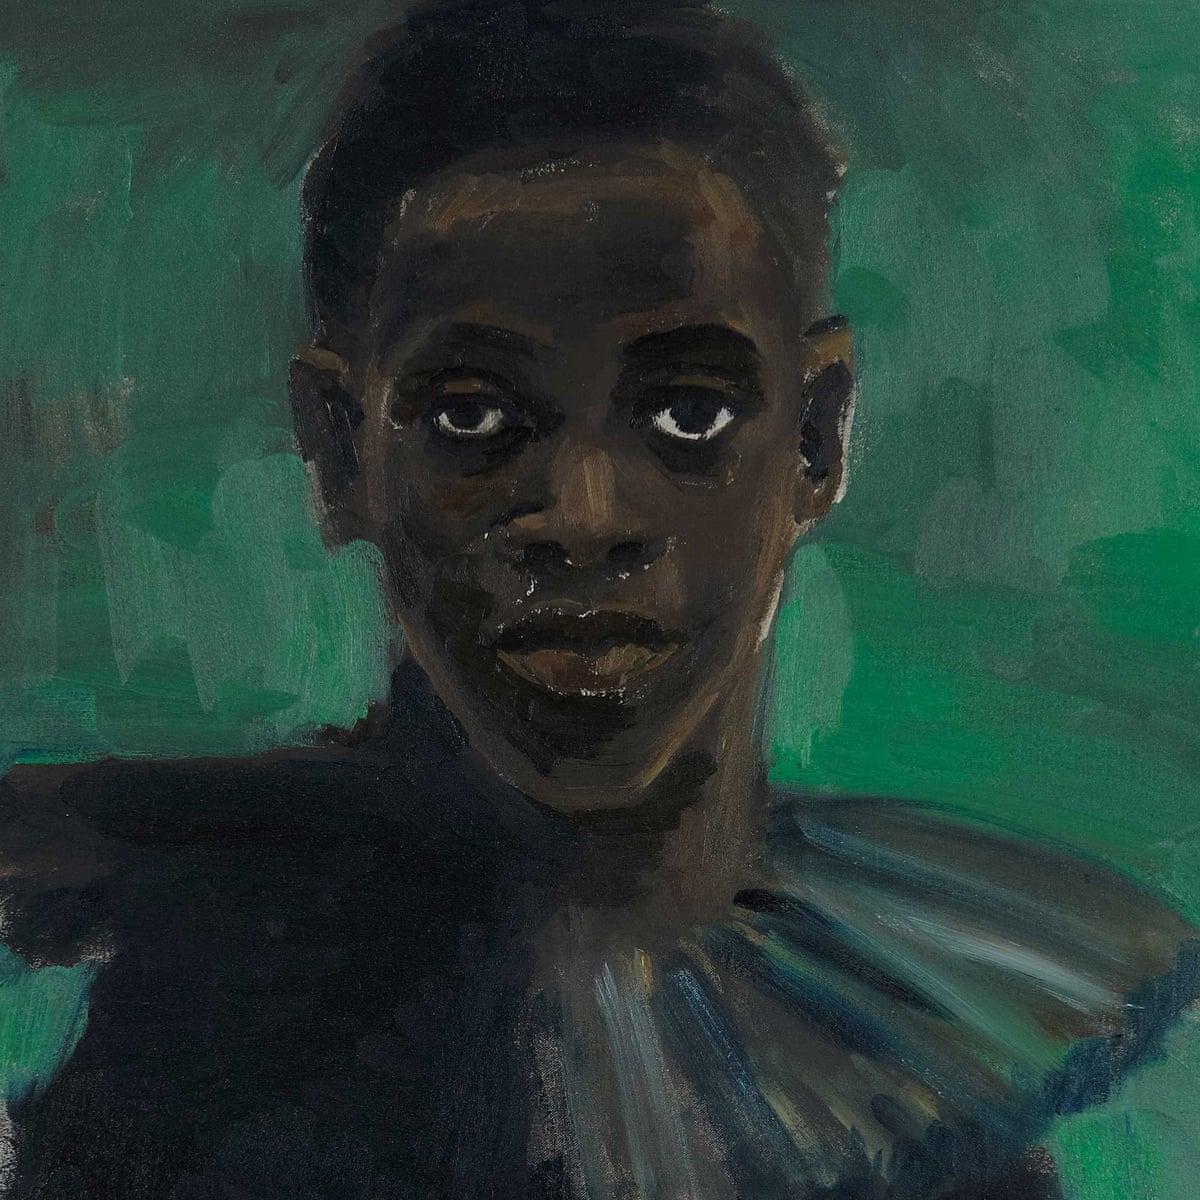 Misteriosi e familiari. I ritratti di Lynette Yiadom-Boakye in mostra alla Tate